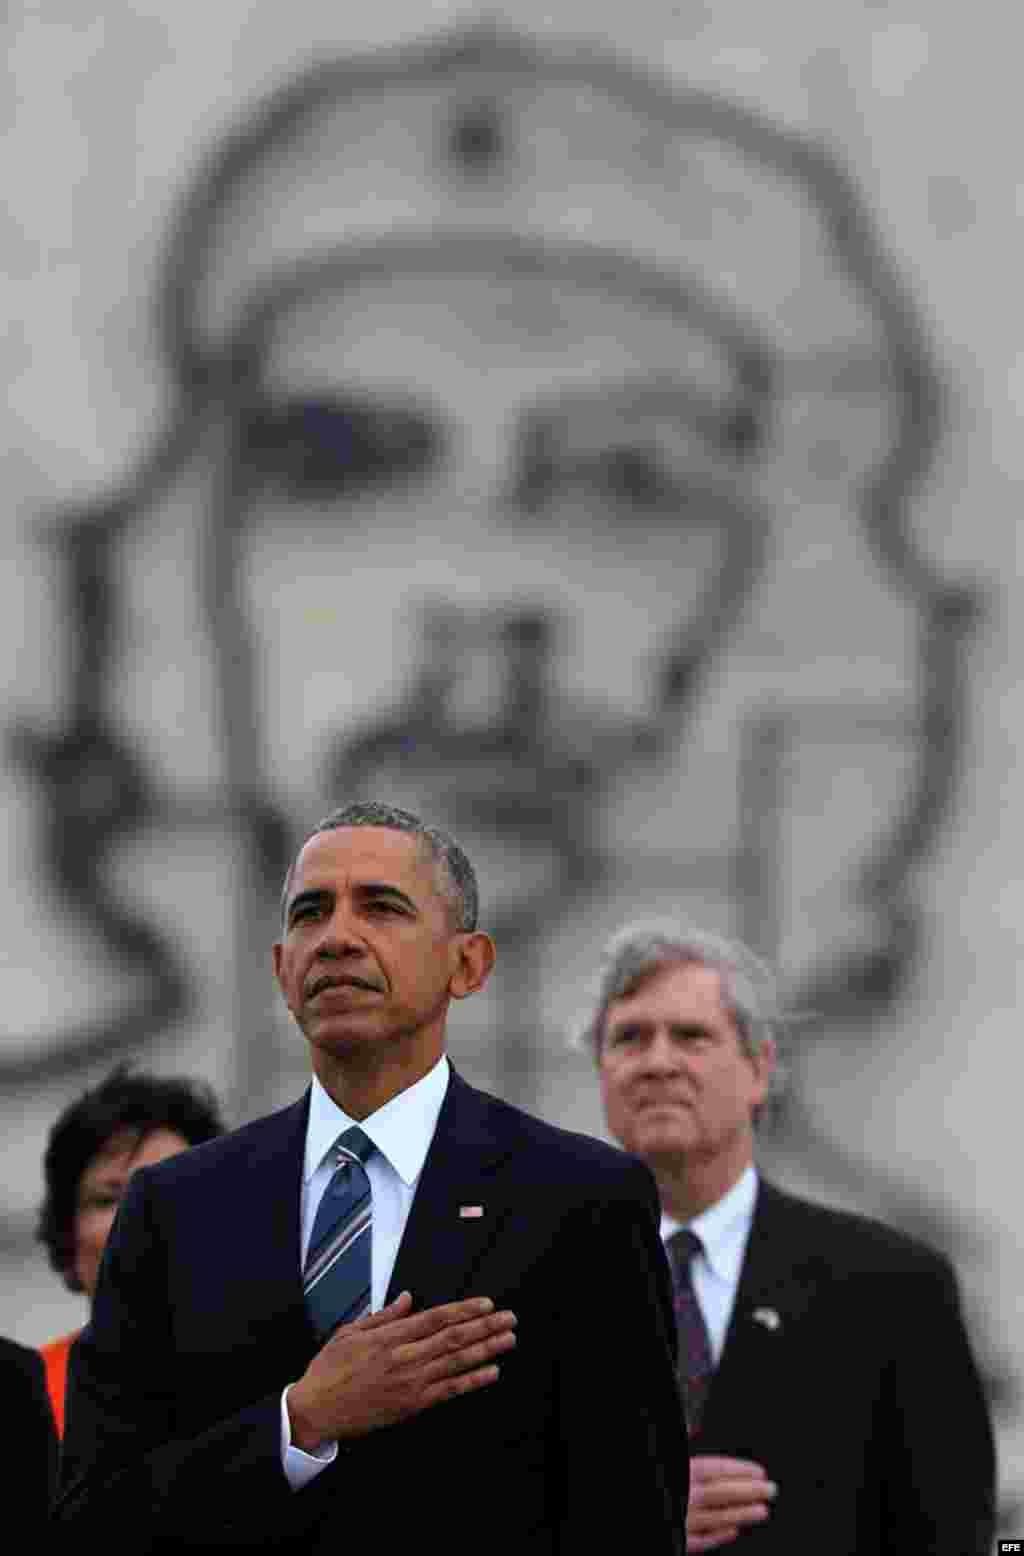 El presidente de Estados Unidos Barack Obama durante la ofrenda floral ante el monumento del prócer cubano José Martí hoy, lunes 21 de marzo de 2016.